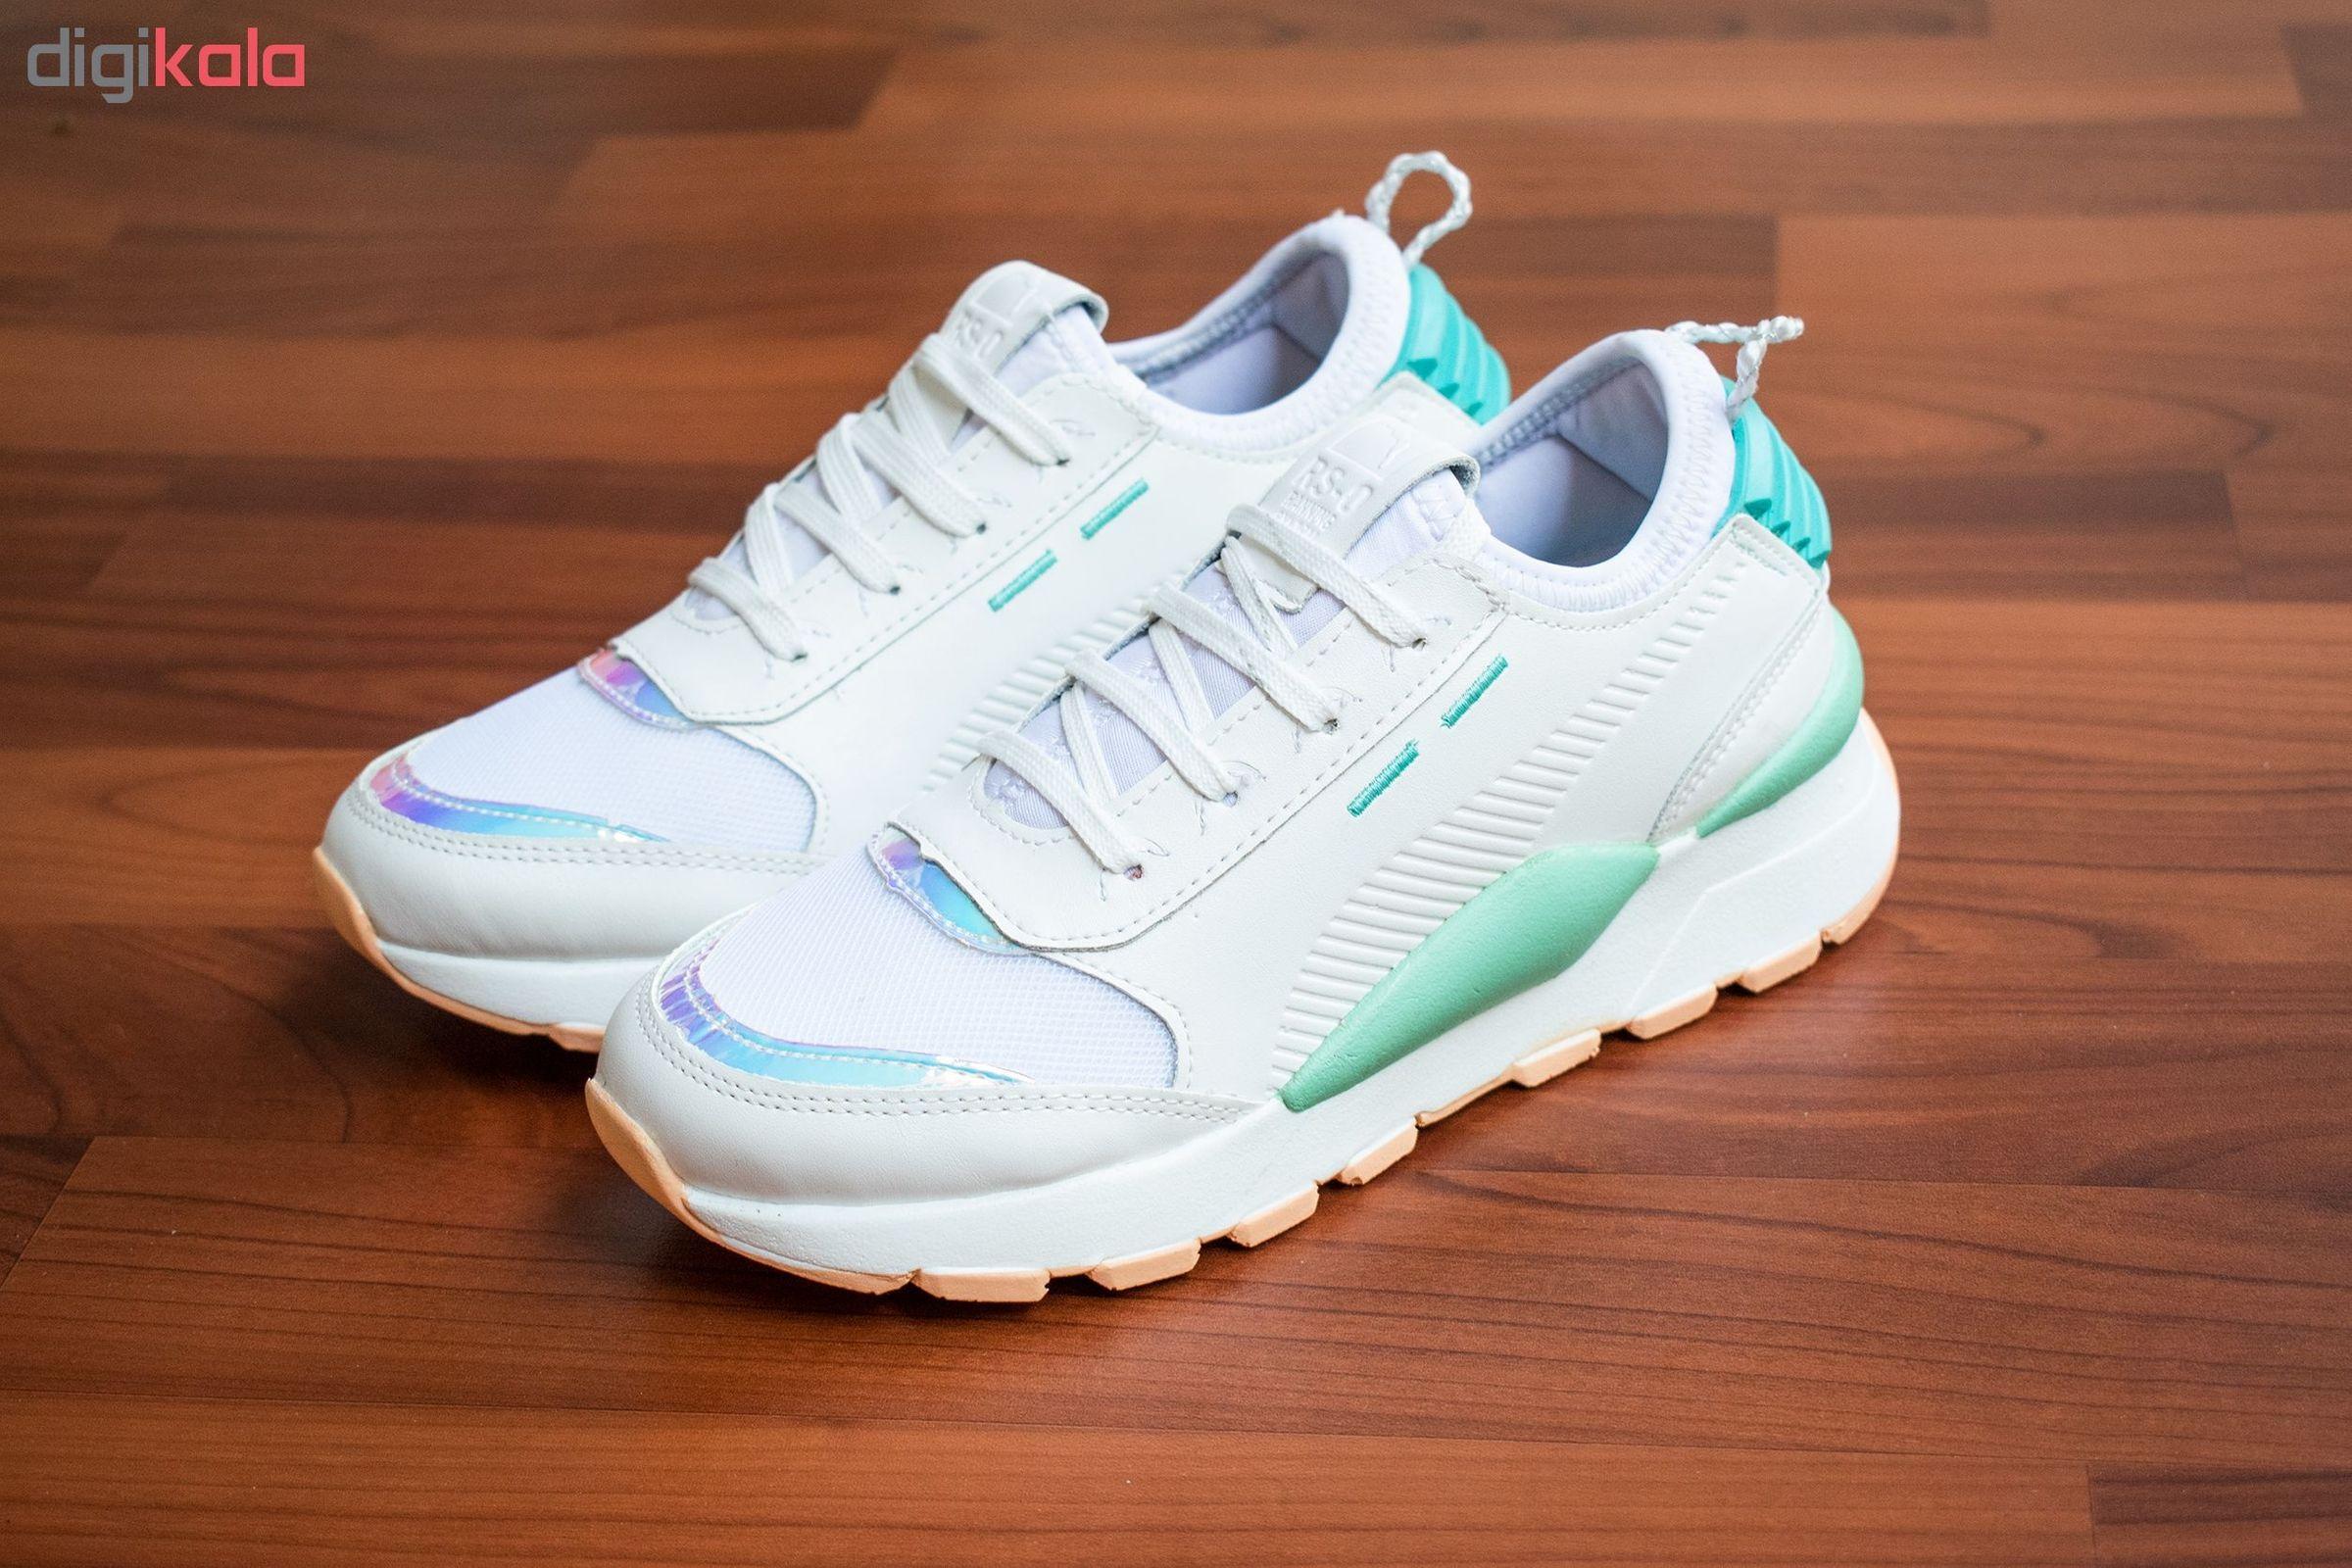 کفش مخصوص پیاده روی زنانه مدل هامون کد 4131 main 1 2